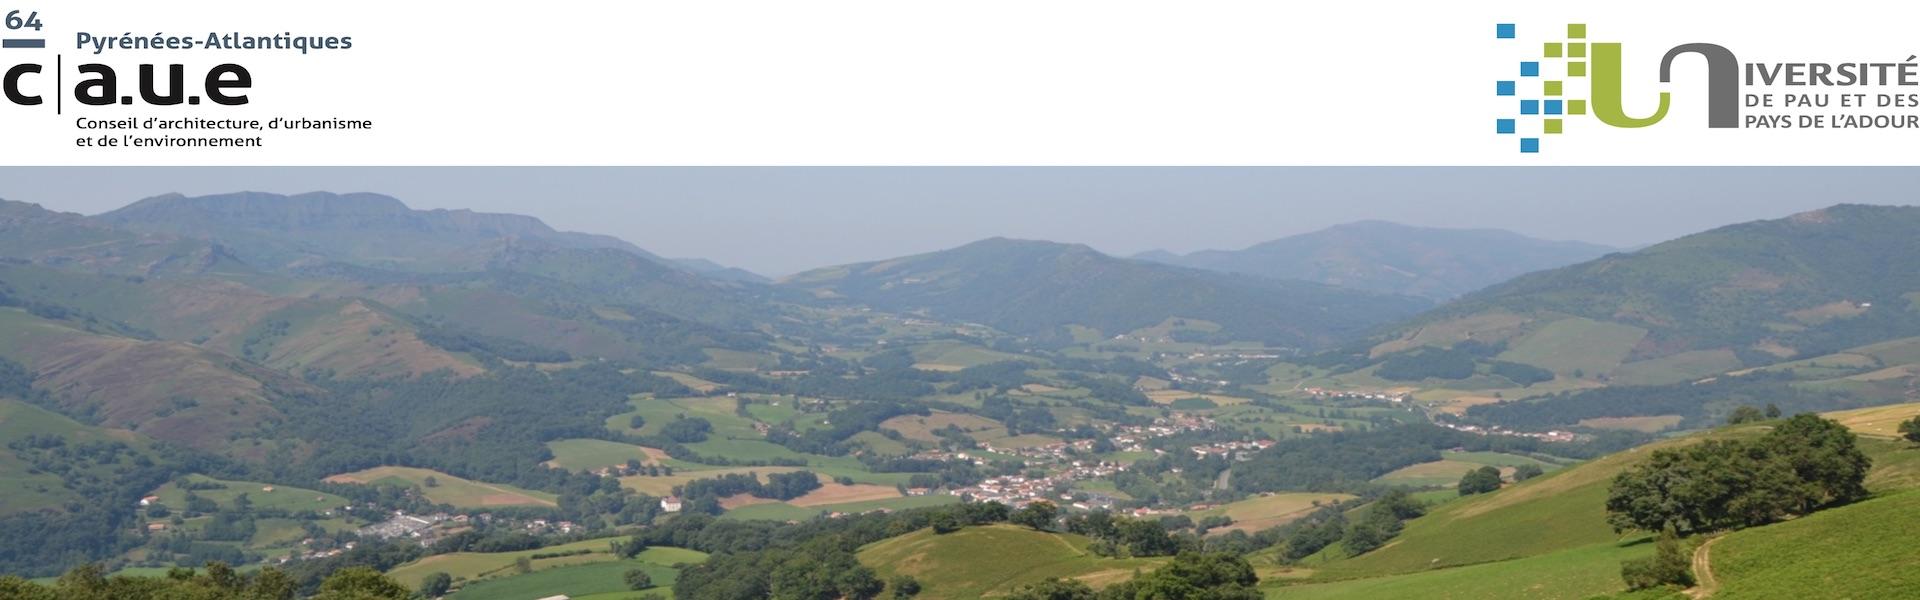 Au Pays Basque, comment percevez-vous votre paysage ? Participez à l'enquête